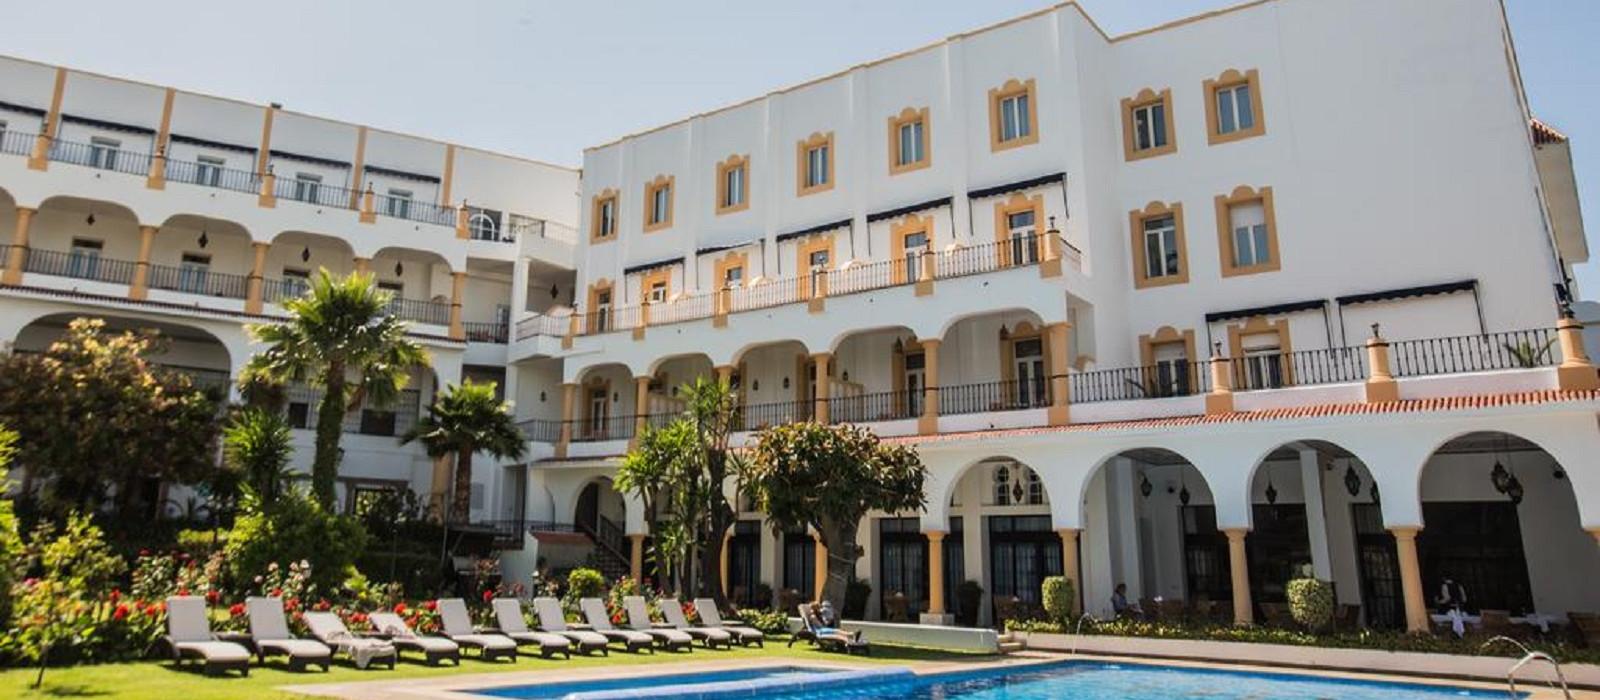 Hotel El Minzah  Tangier Morocco